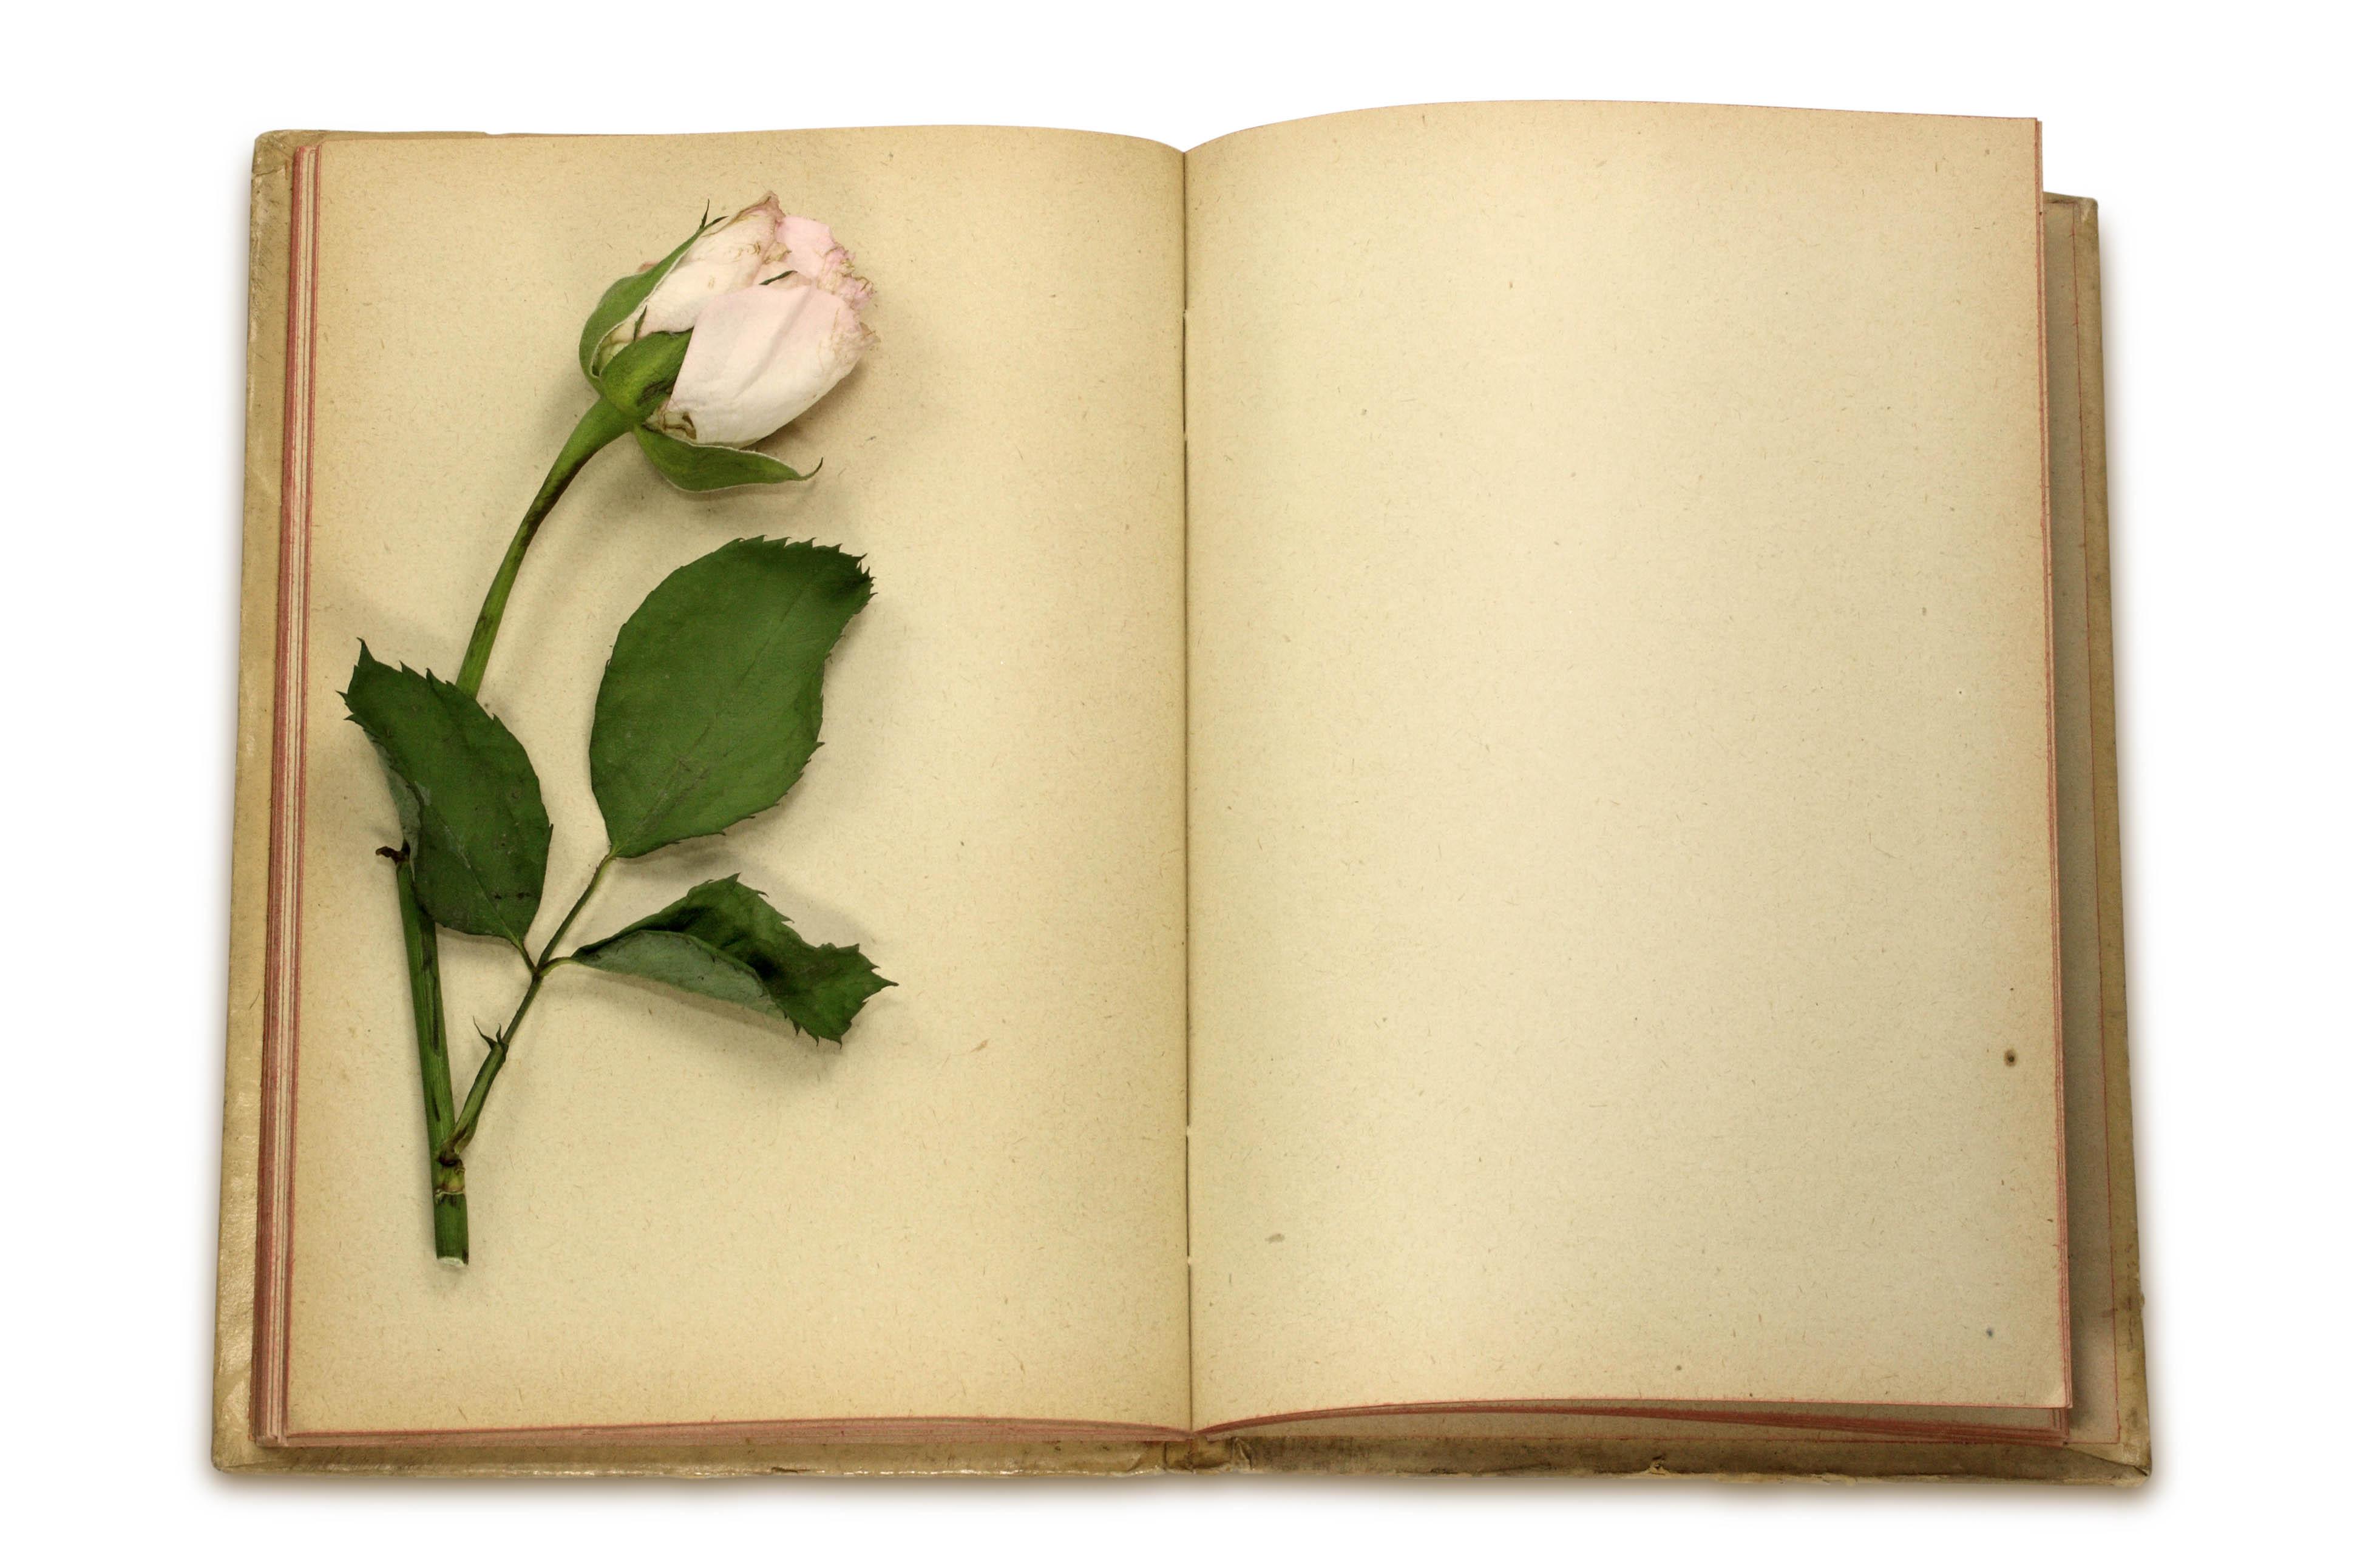 دفترچه خاطرات پدربزرگم!